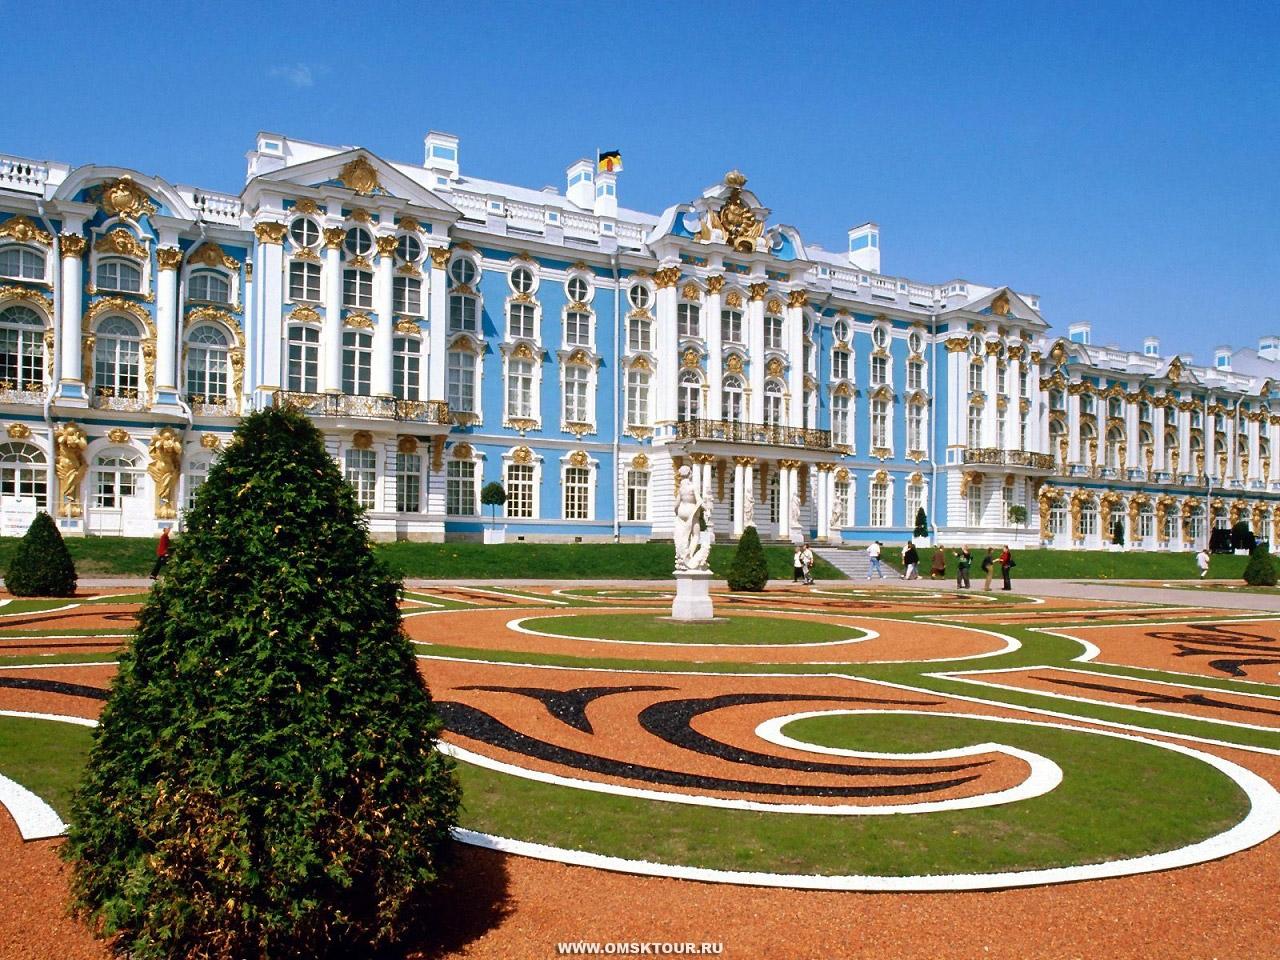 Туры в Петербург из Омска